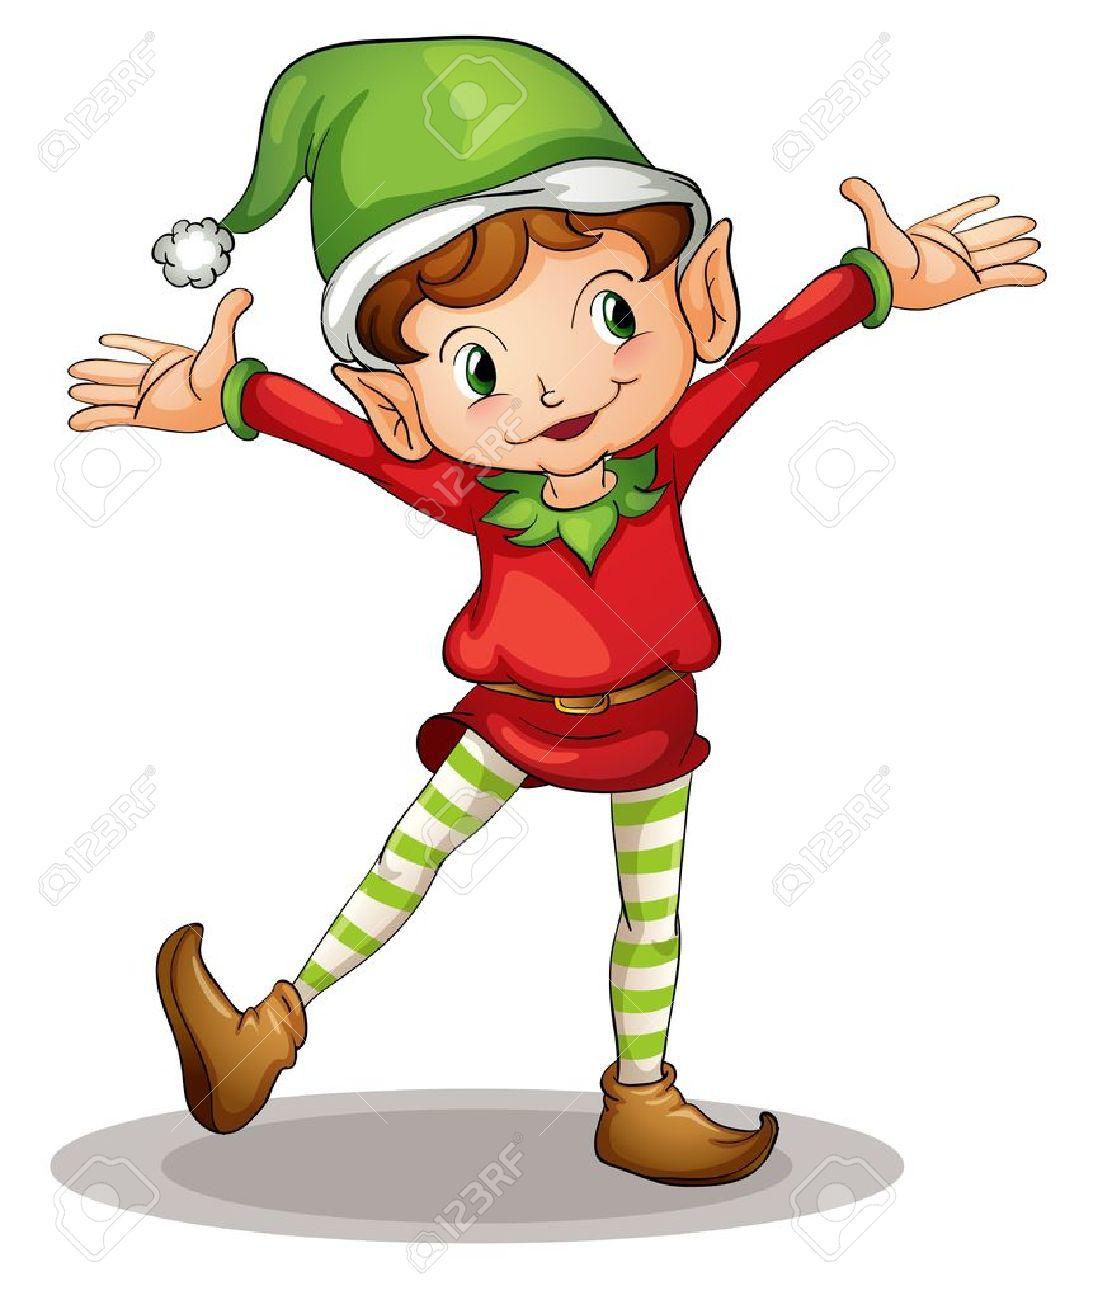 26 419 elf stock illustrations cliparts and royalty free elf vectors rh 123rf com elf hat clipart free elf clip art free images